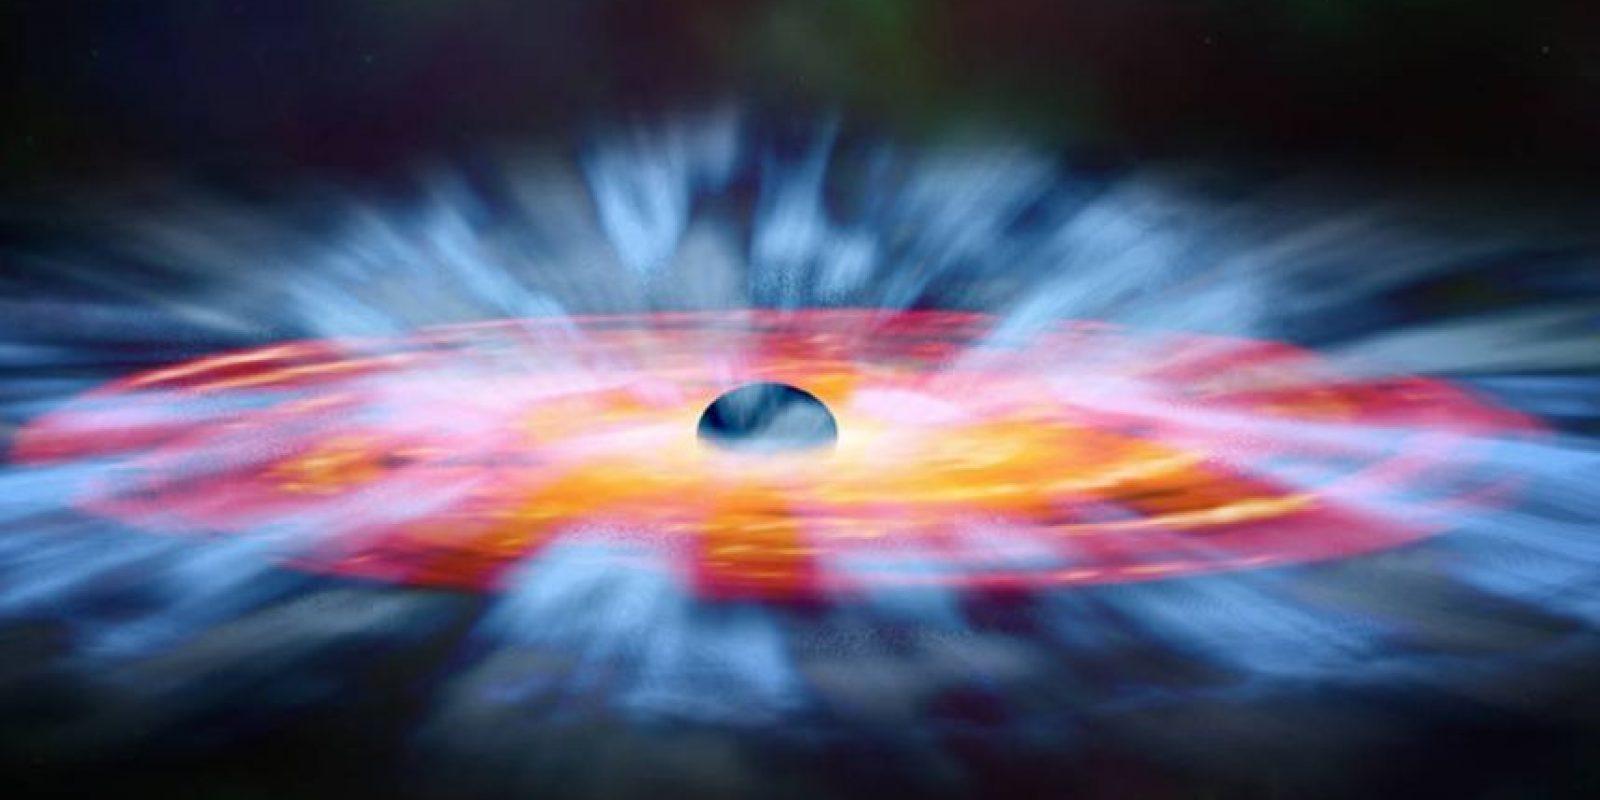 Este suceso ayudará a los científicos a comprender mejor el fenómeno. Foto:Vía nasa.gov